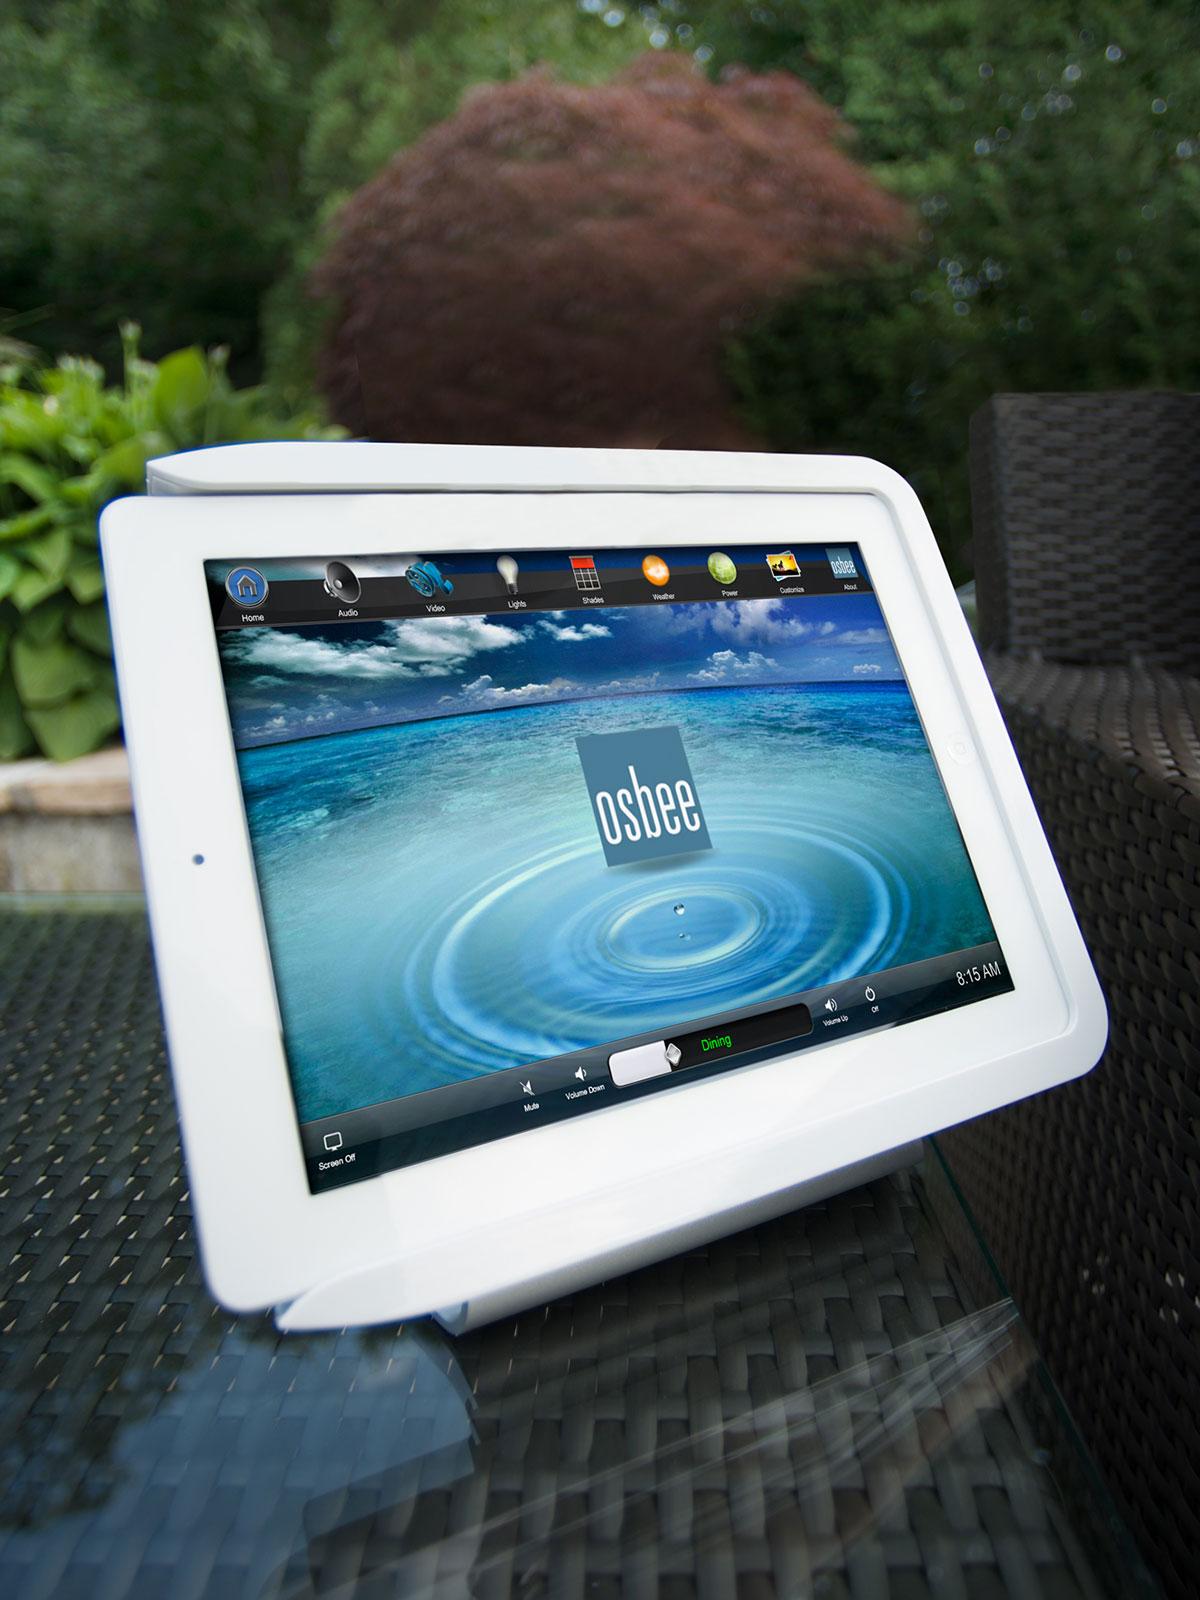 iPad, tabletop